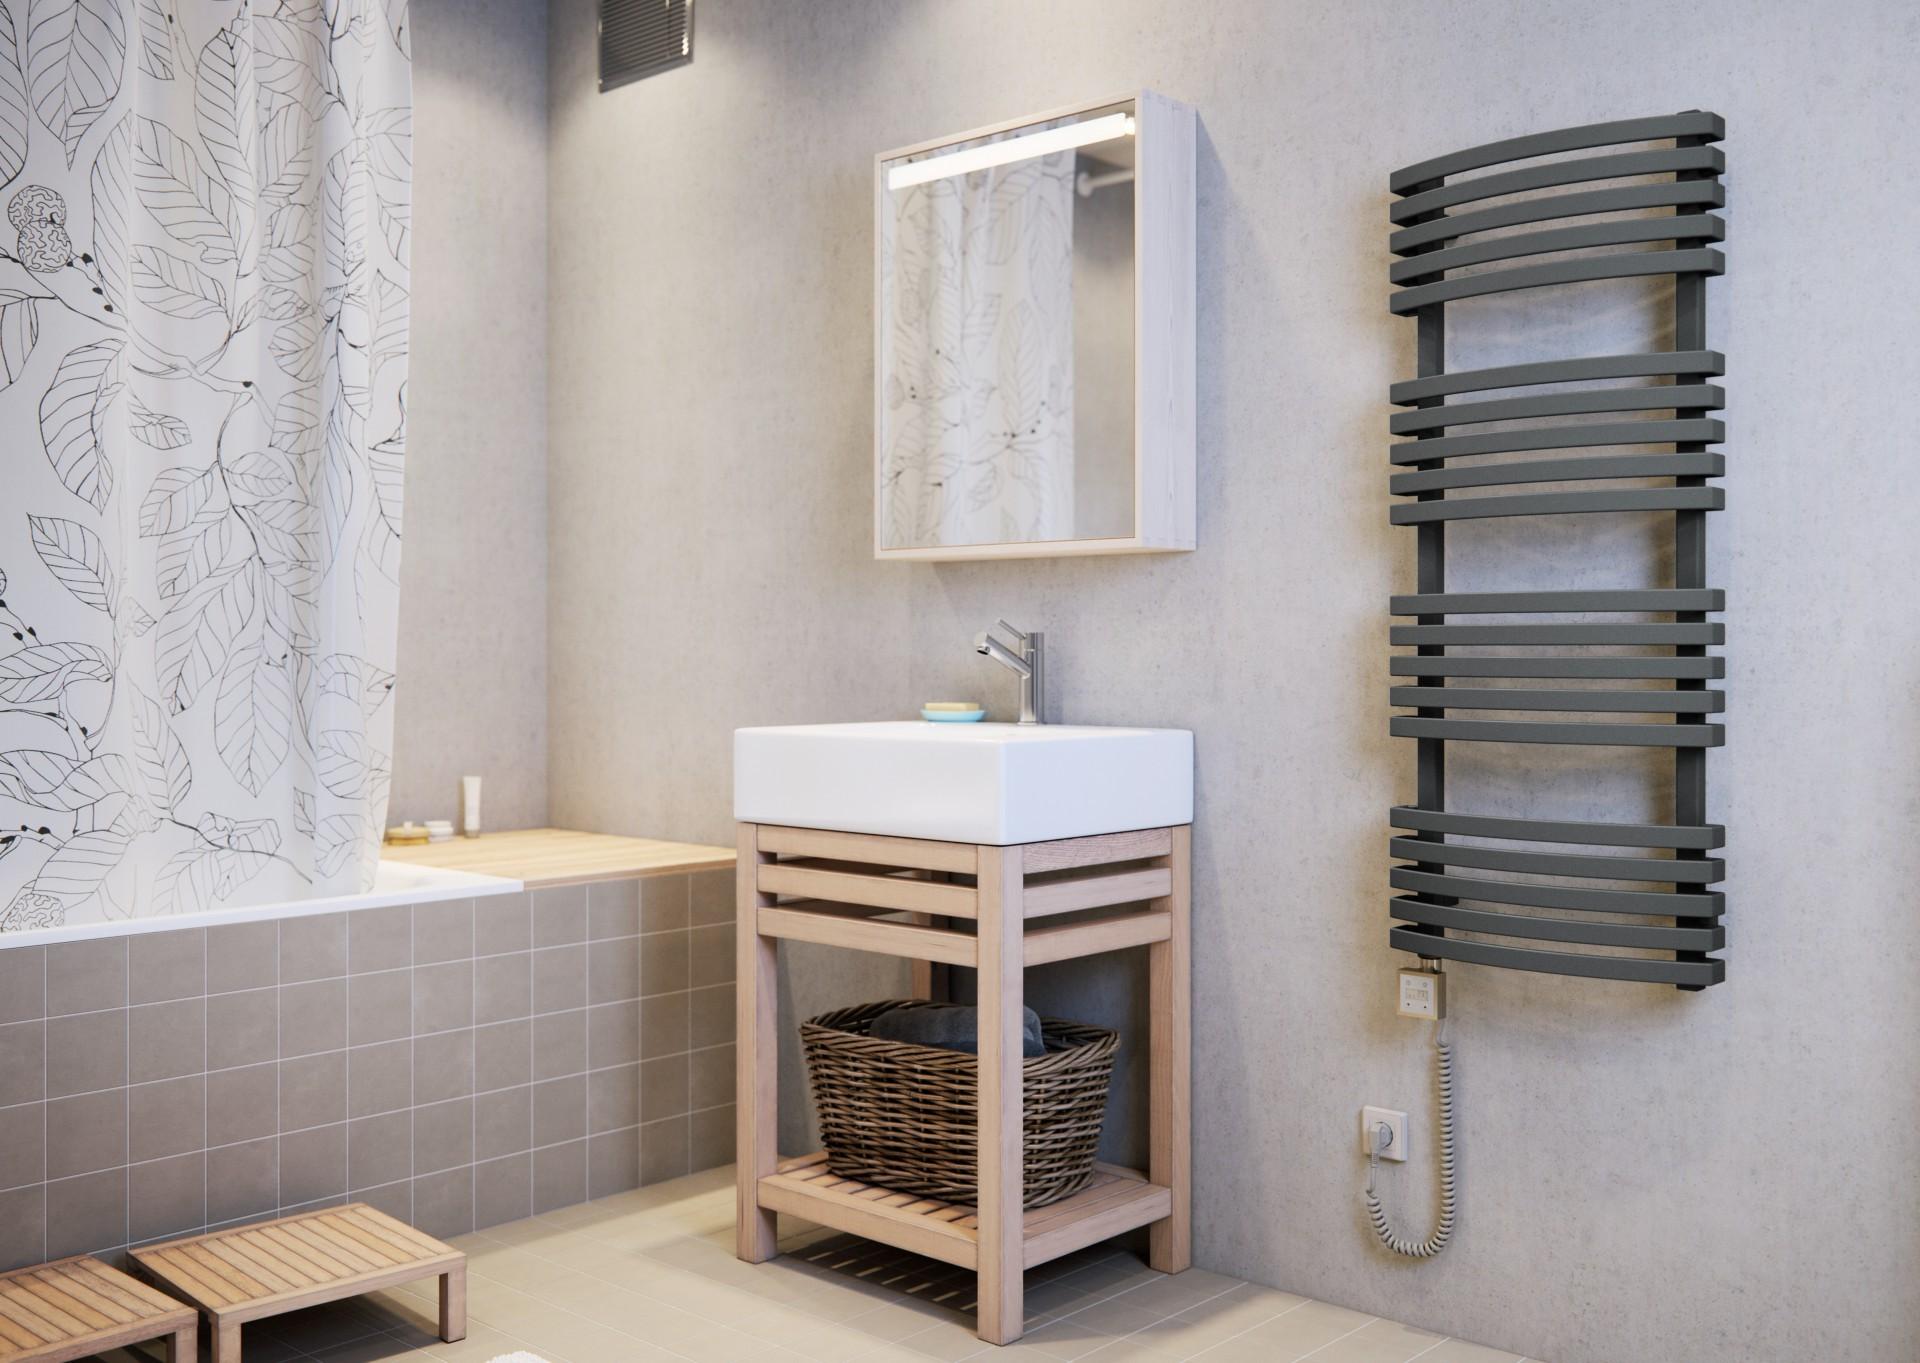 Badheizkörper gebogen, Handtuchtrockner eckig Terma Mantis modern